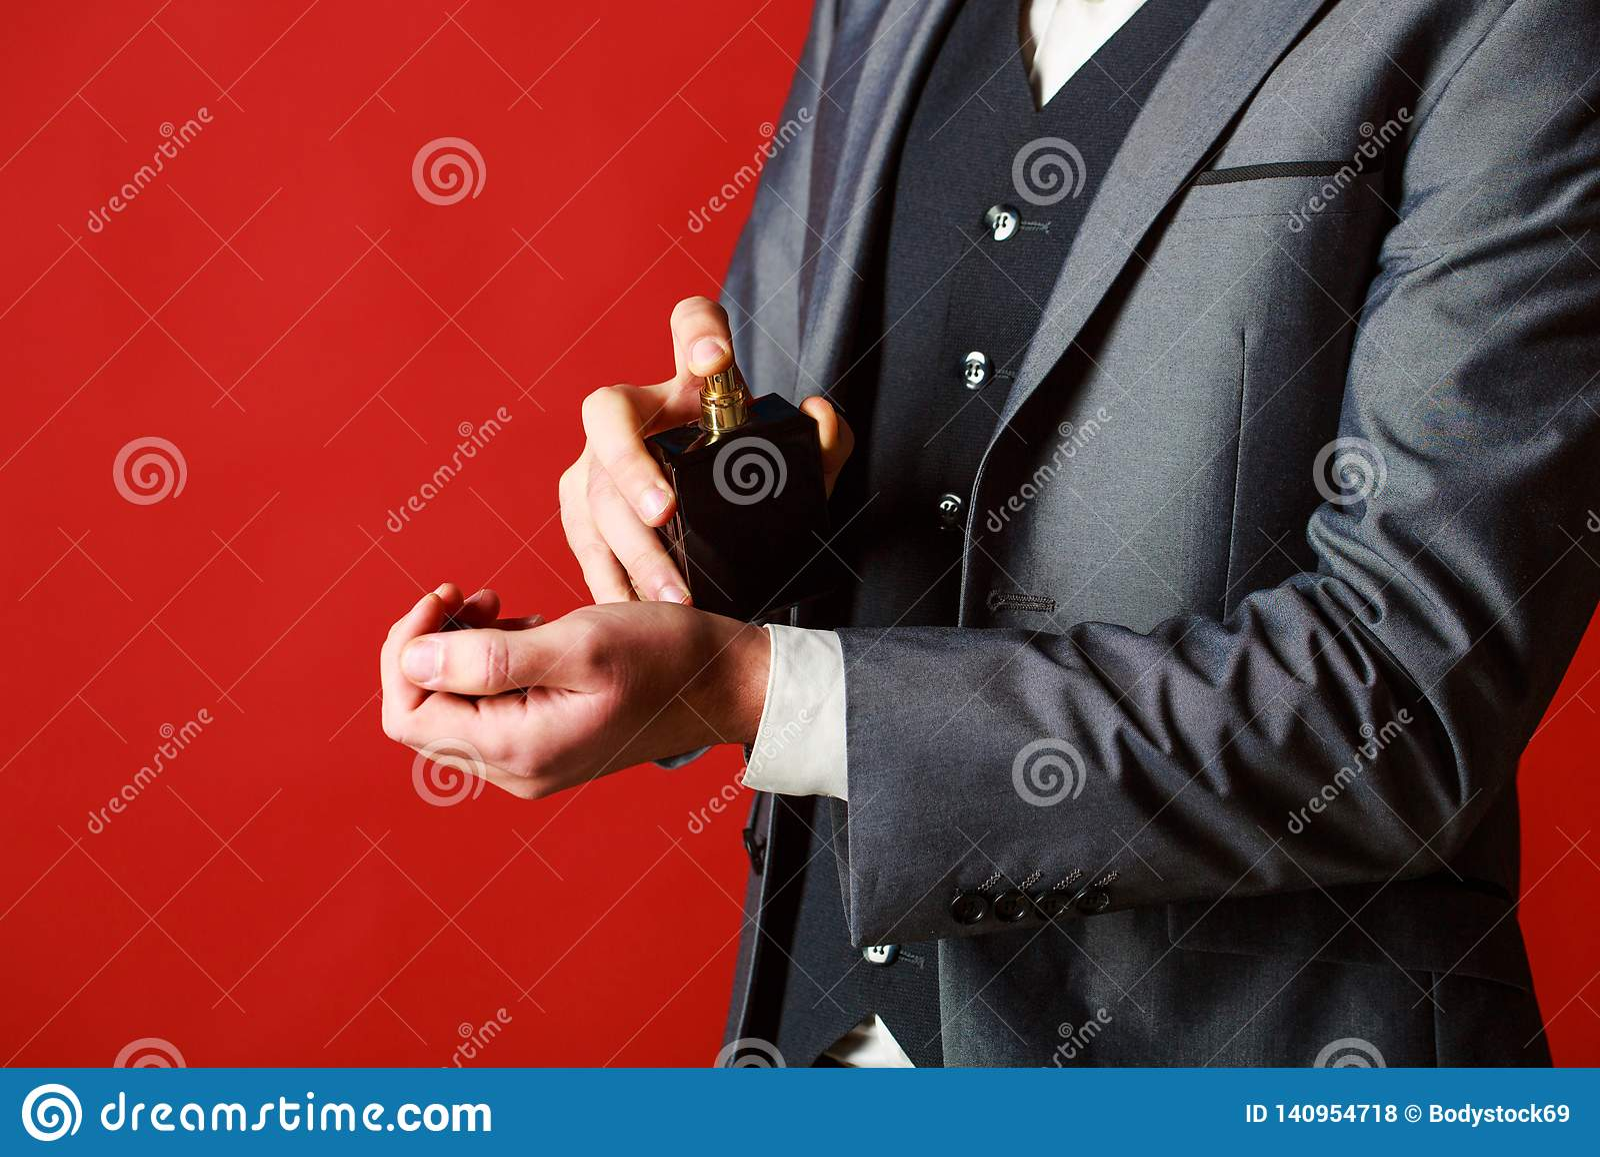 Духи человека, благоухание Мужеские духи Бутылка духов или кёльна Мужское благоухание и парфюмерия, косметики лучей